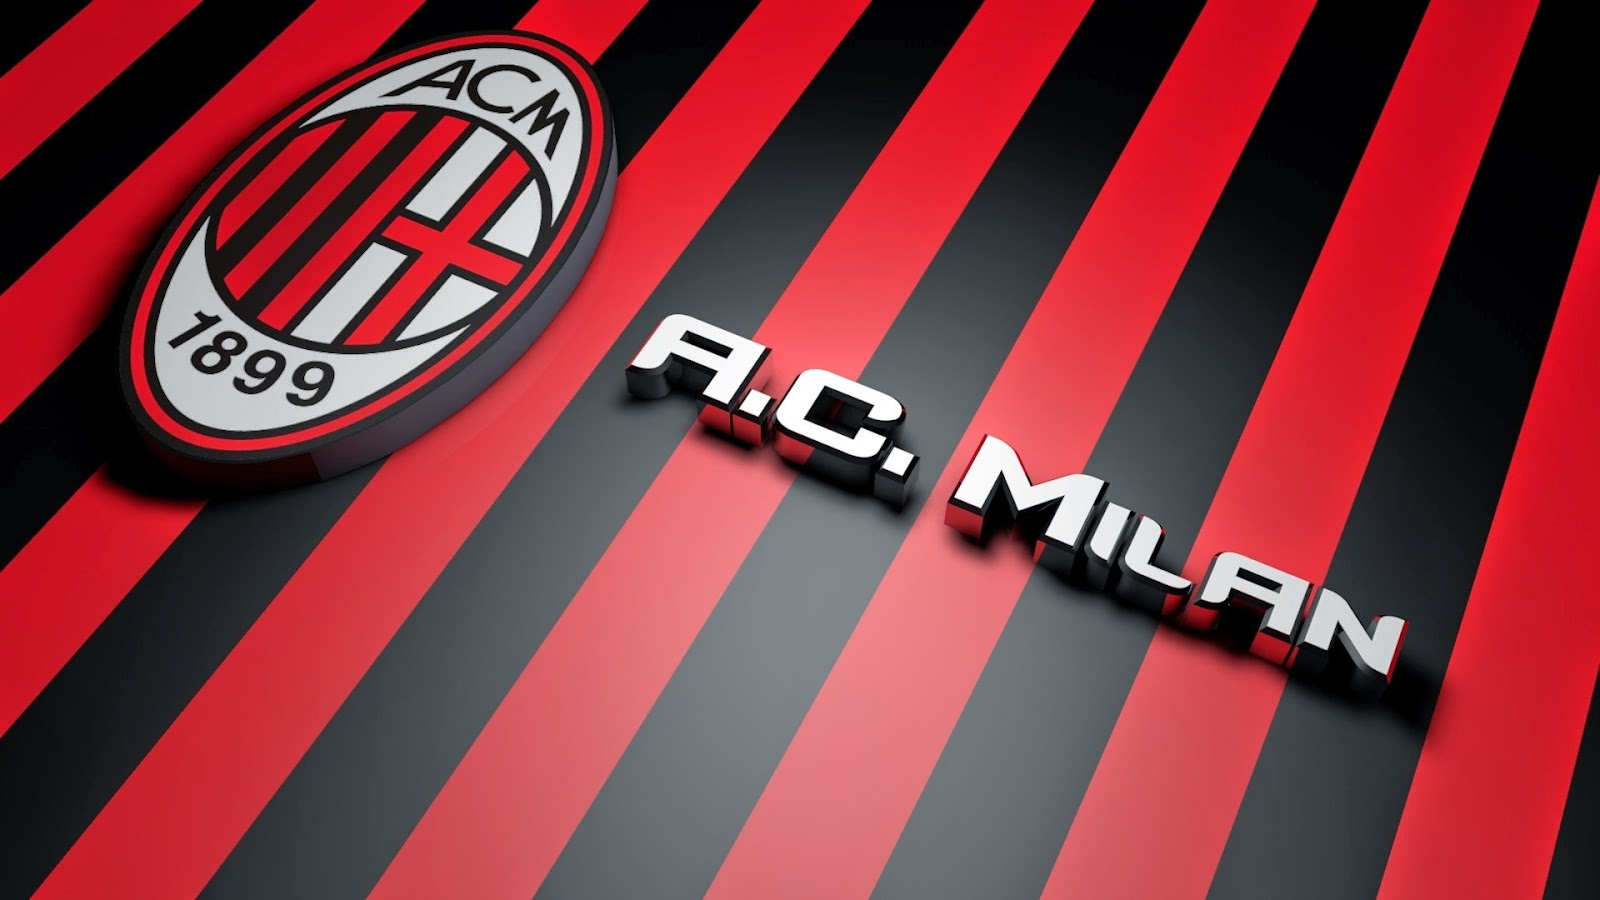 AC Milan Symbol Wallpaper